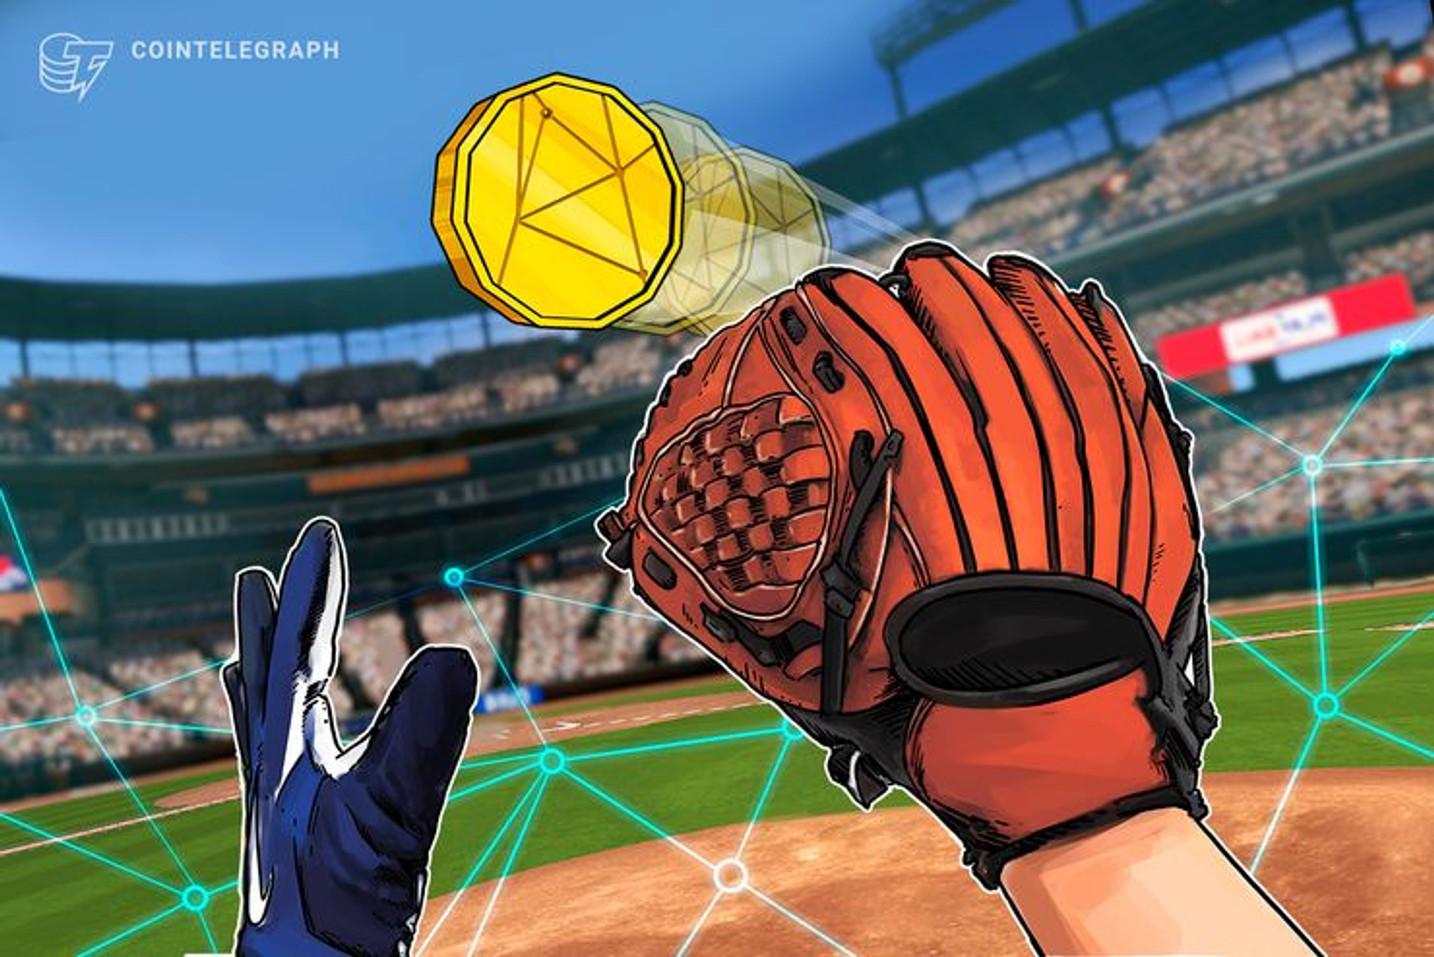 La empresa Accretio utiliza blockchain para impulsar inversión en atletas y generar una fuente de ingreso para deportistas